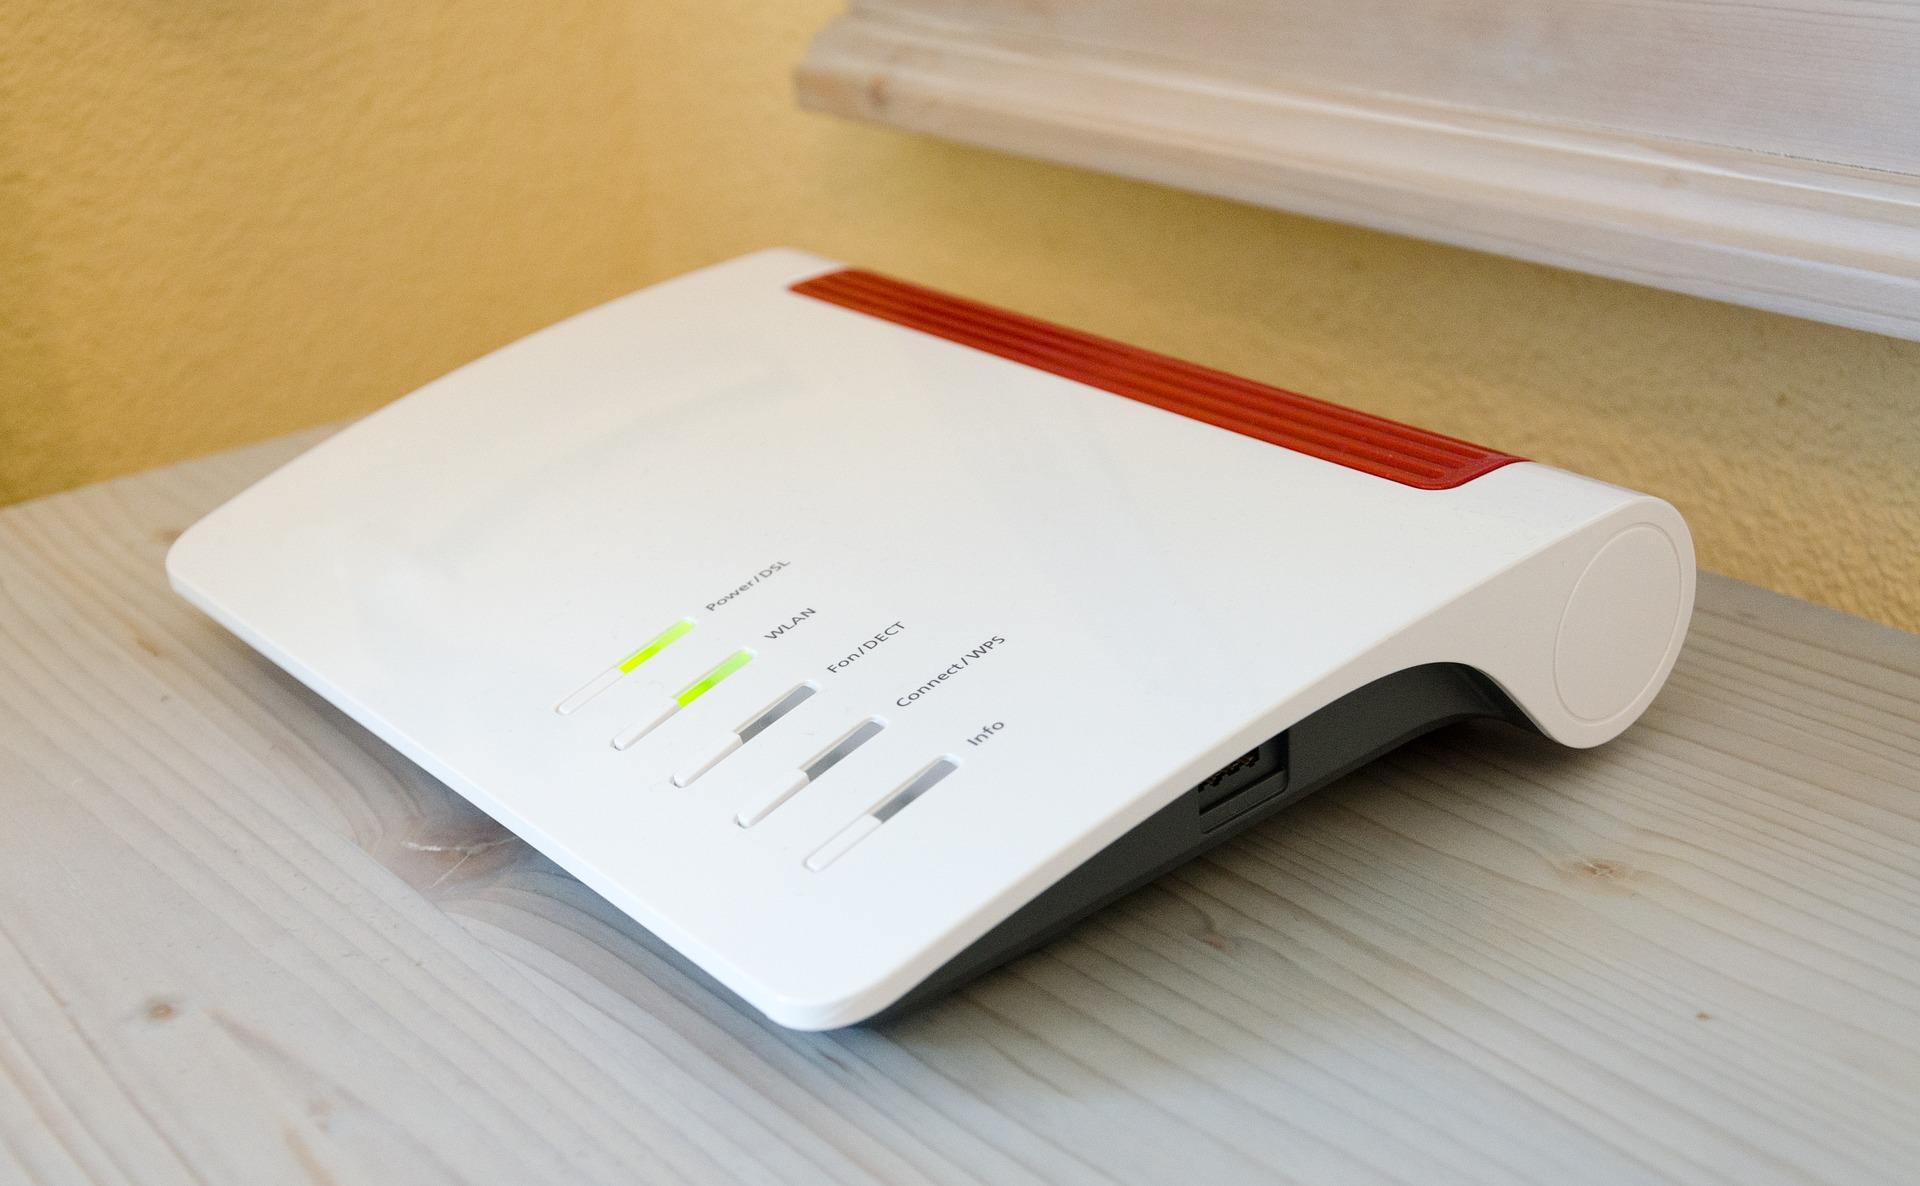 Imagem mostra um roteador sobre uma mesa.